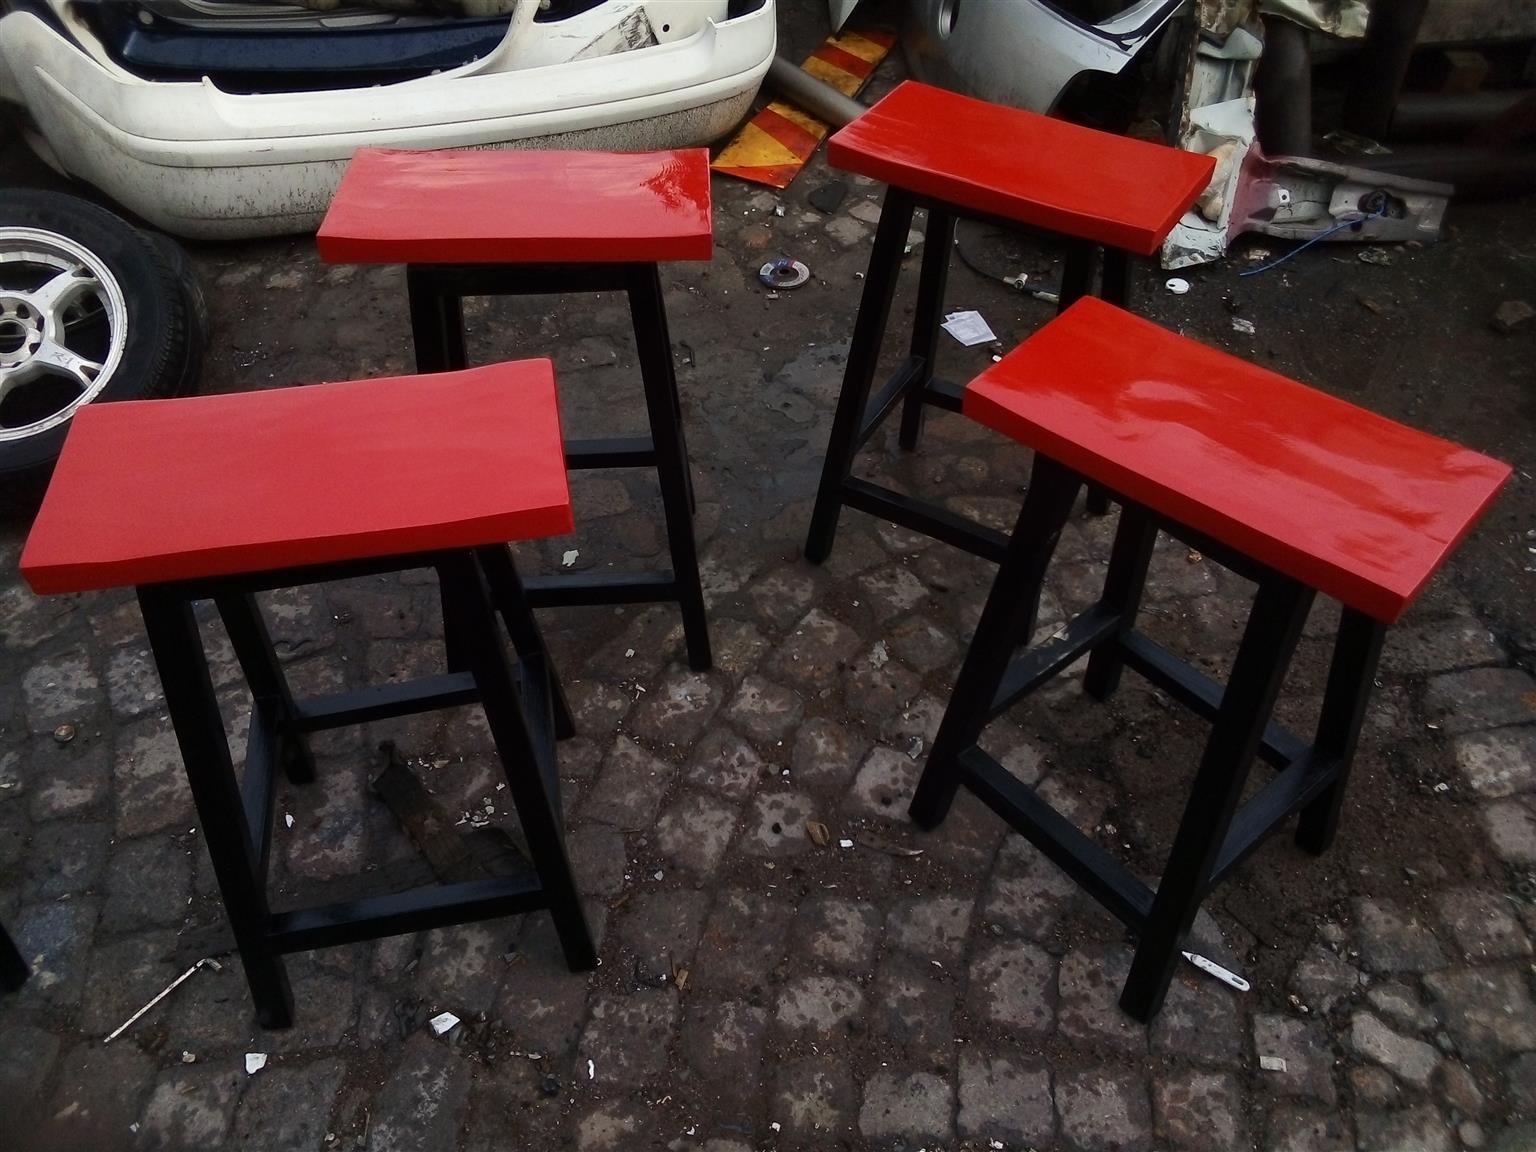 Bar and kitchen stools